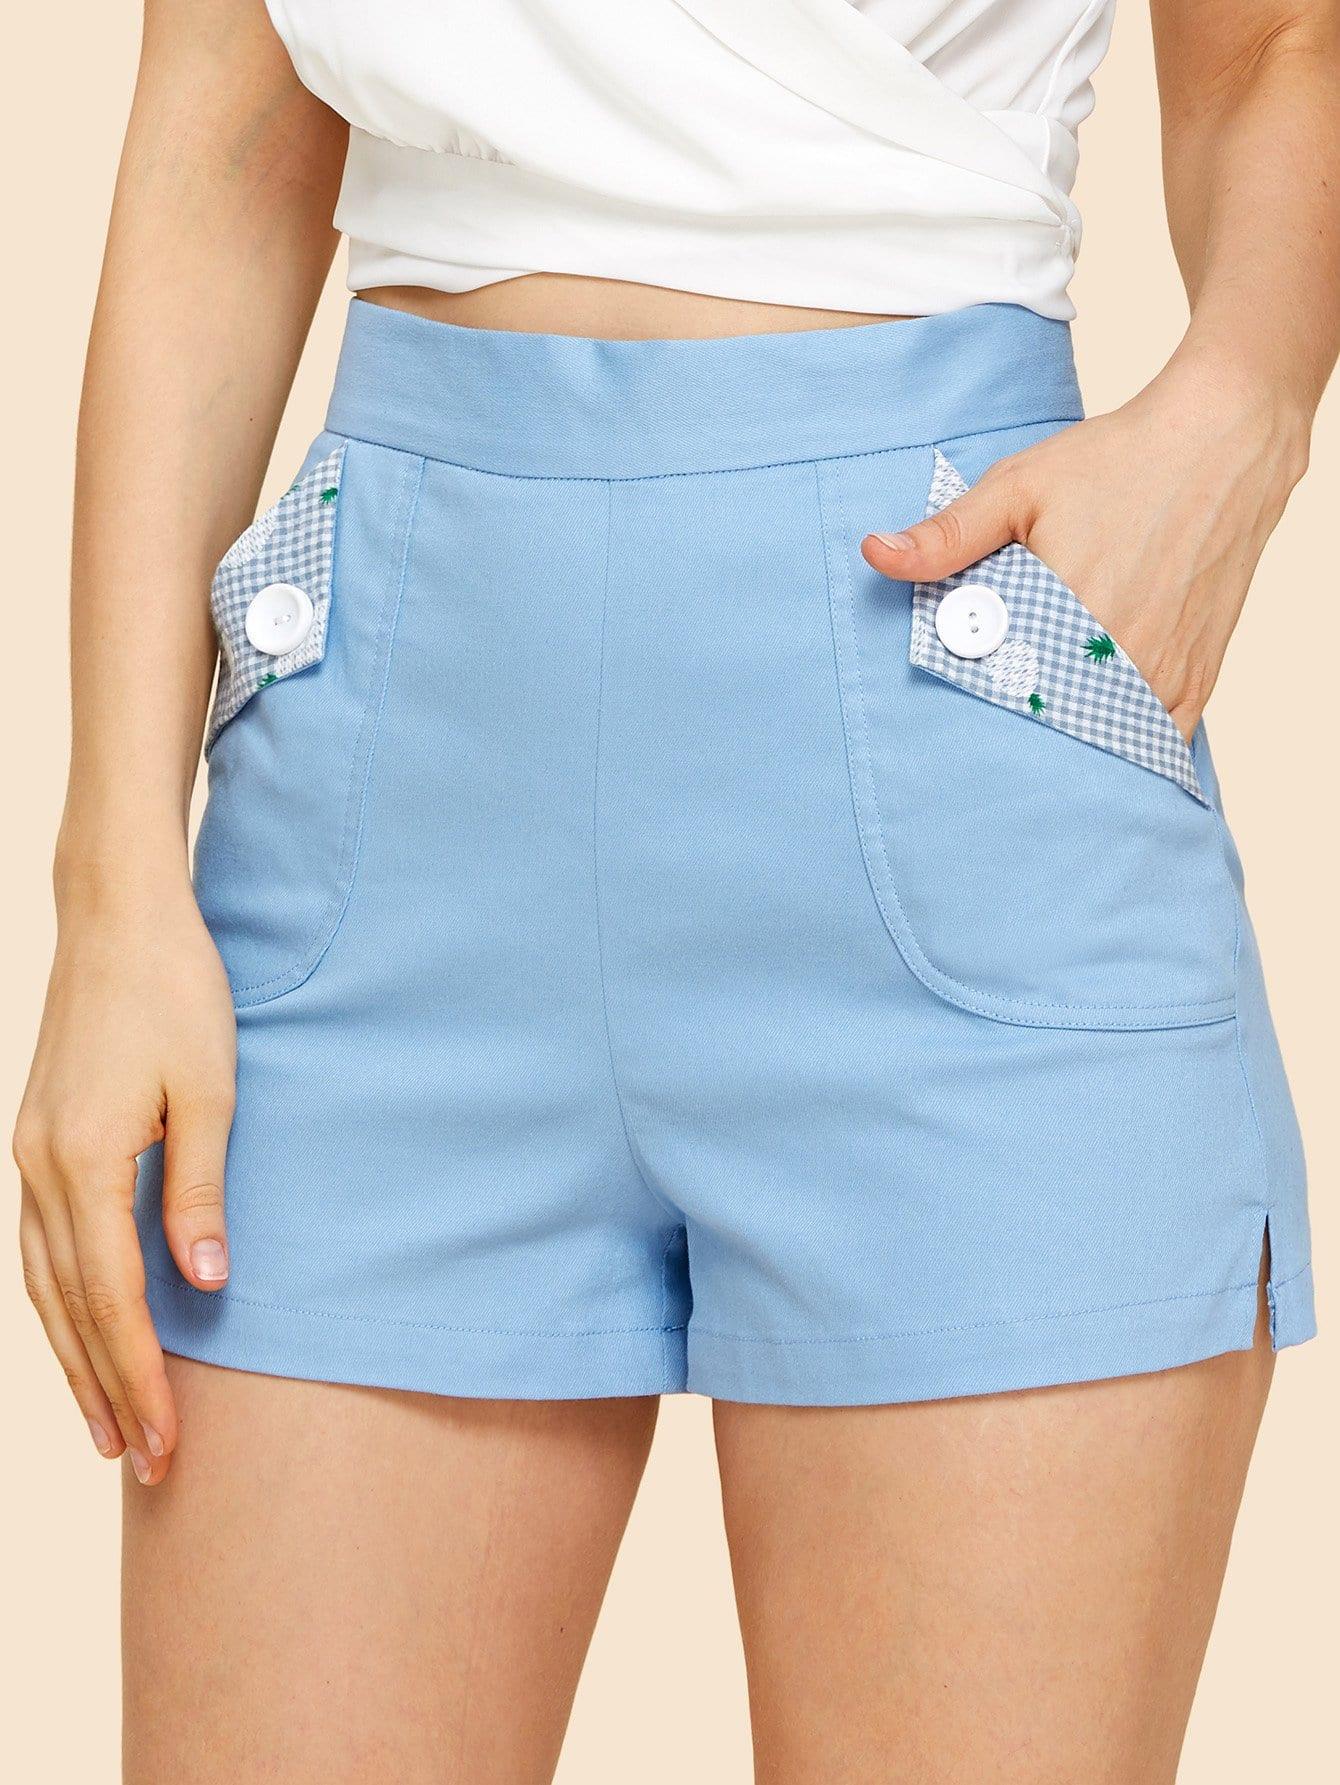 Купить Застегнутые карманные карманные шорты, Julie H., SheIn